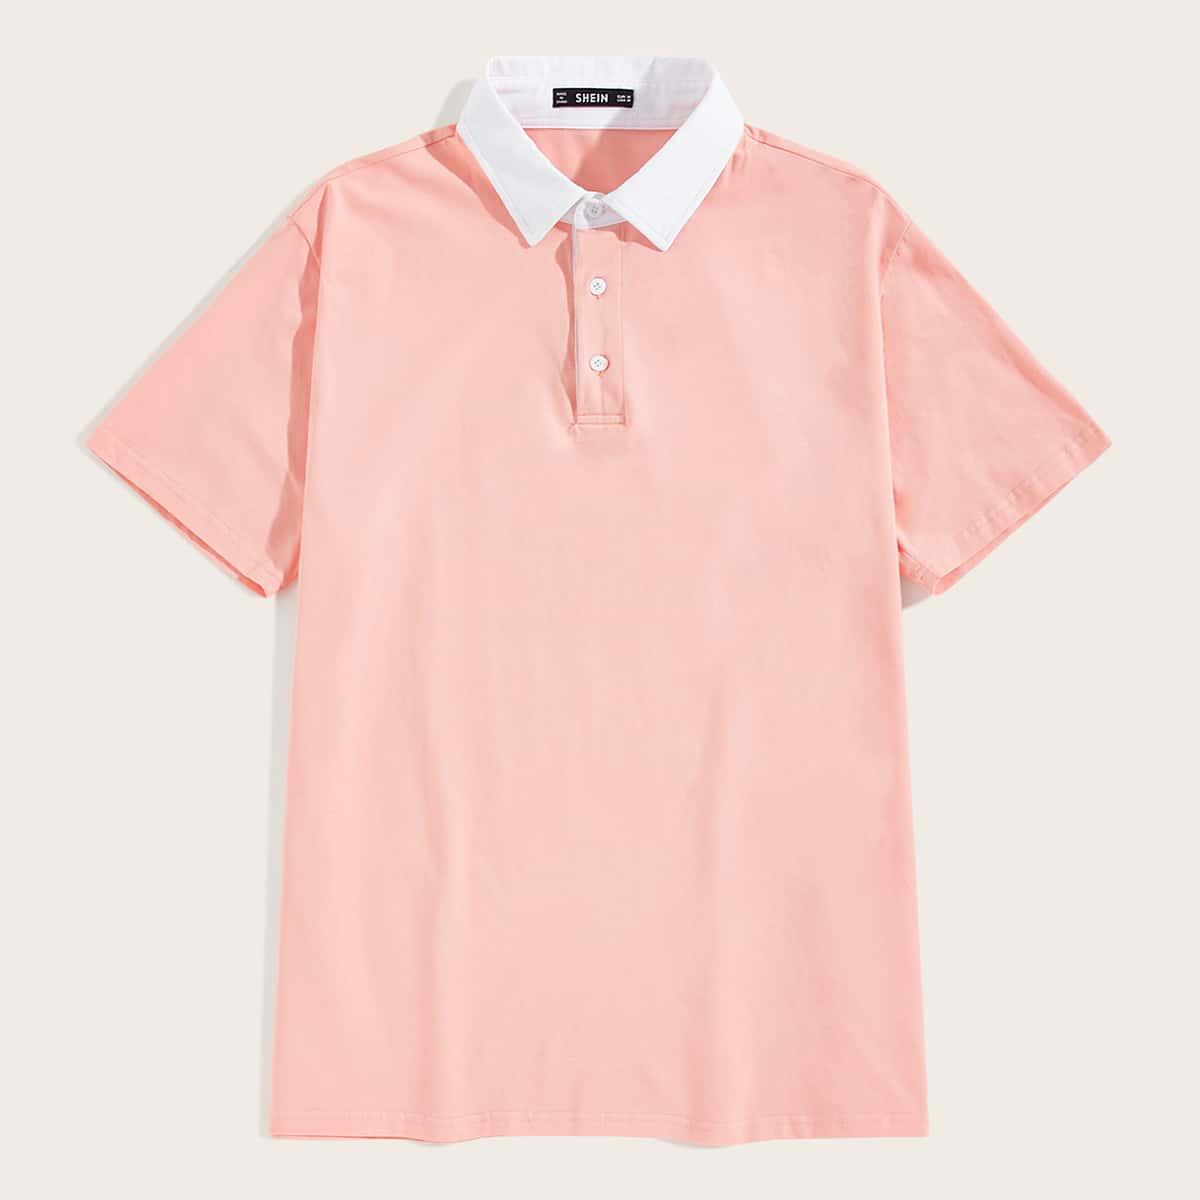 Мужская рубашка-поло с контрастным воротником фото